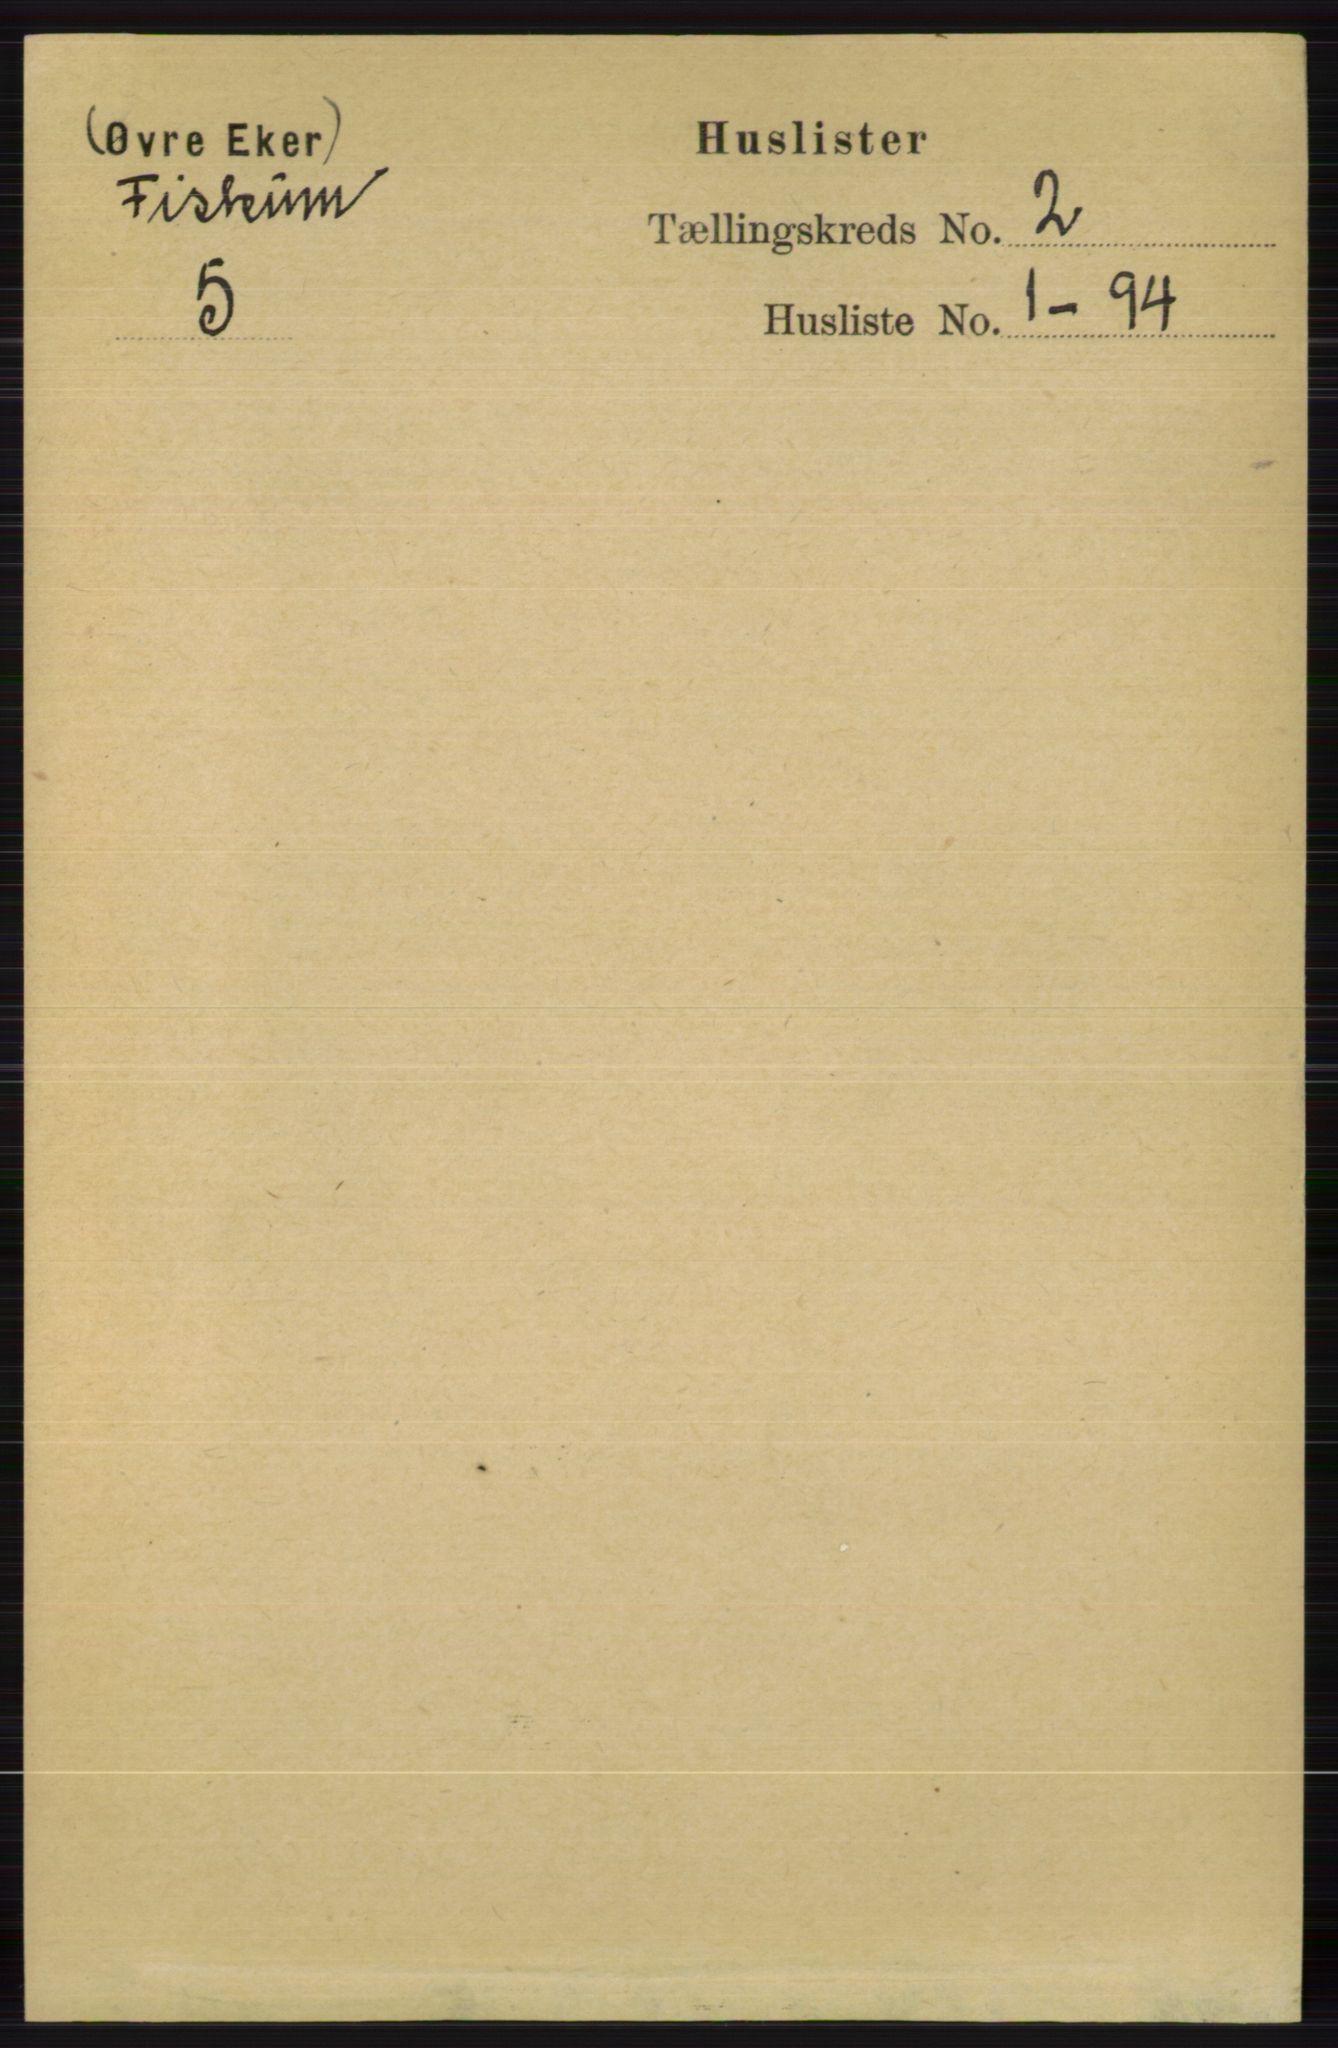 RA, Folketelling 1891 for 0624 Øvre Eiker herred, 1891, s. 8378